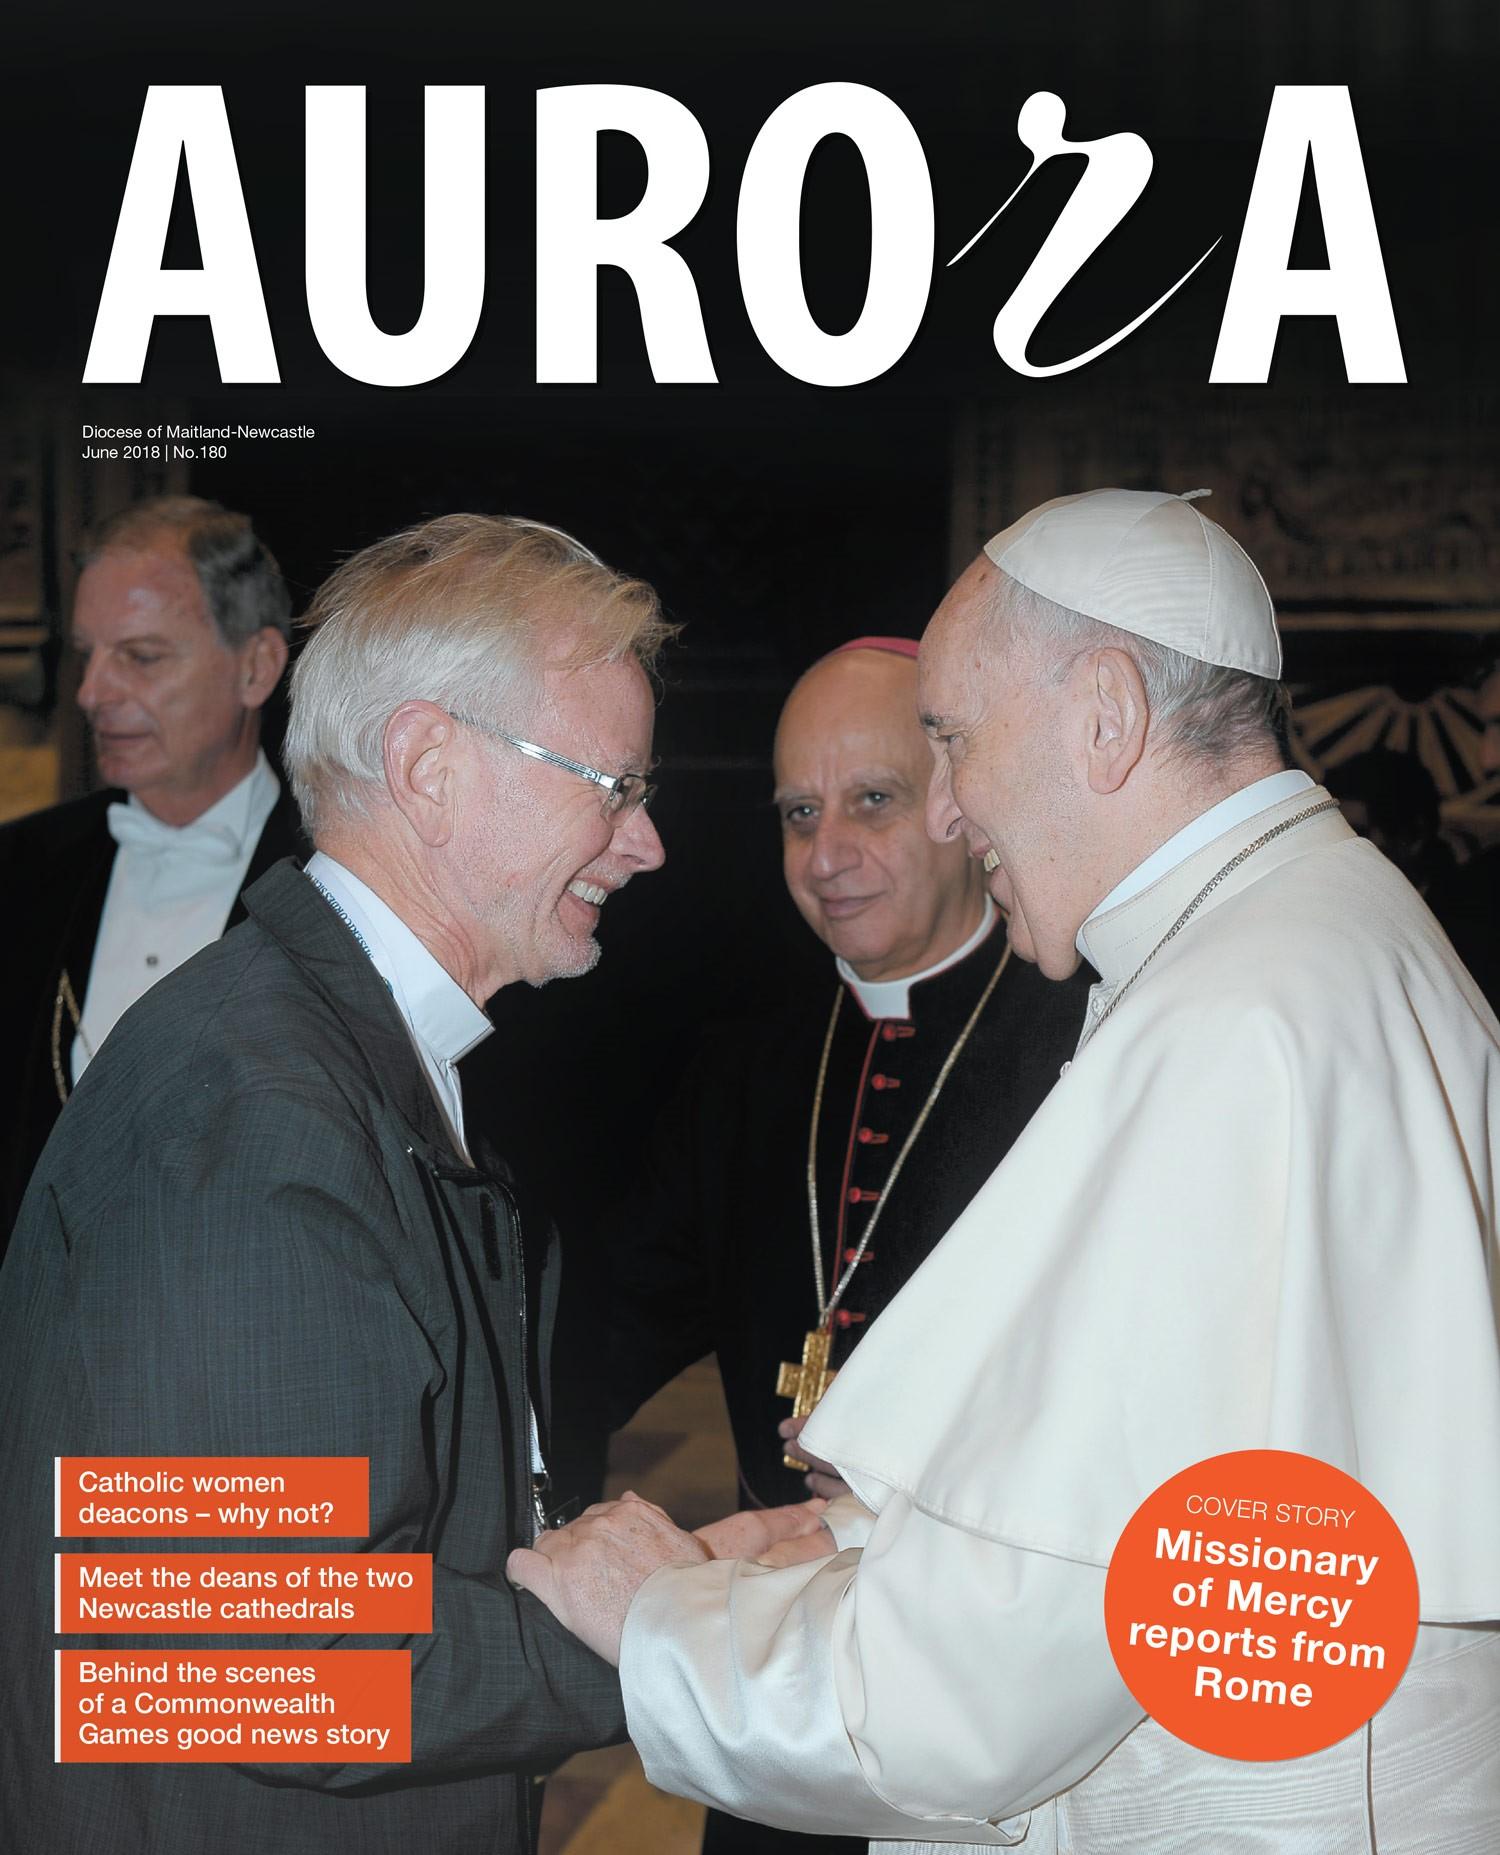 Aurora June 2018 Cover Image